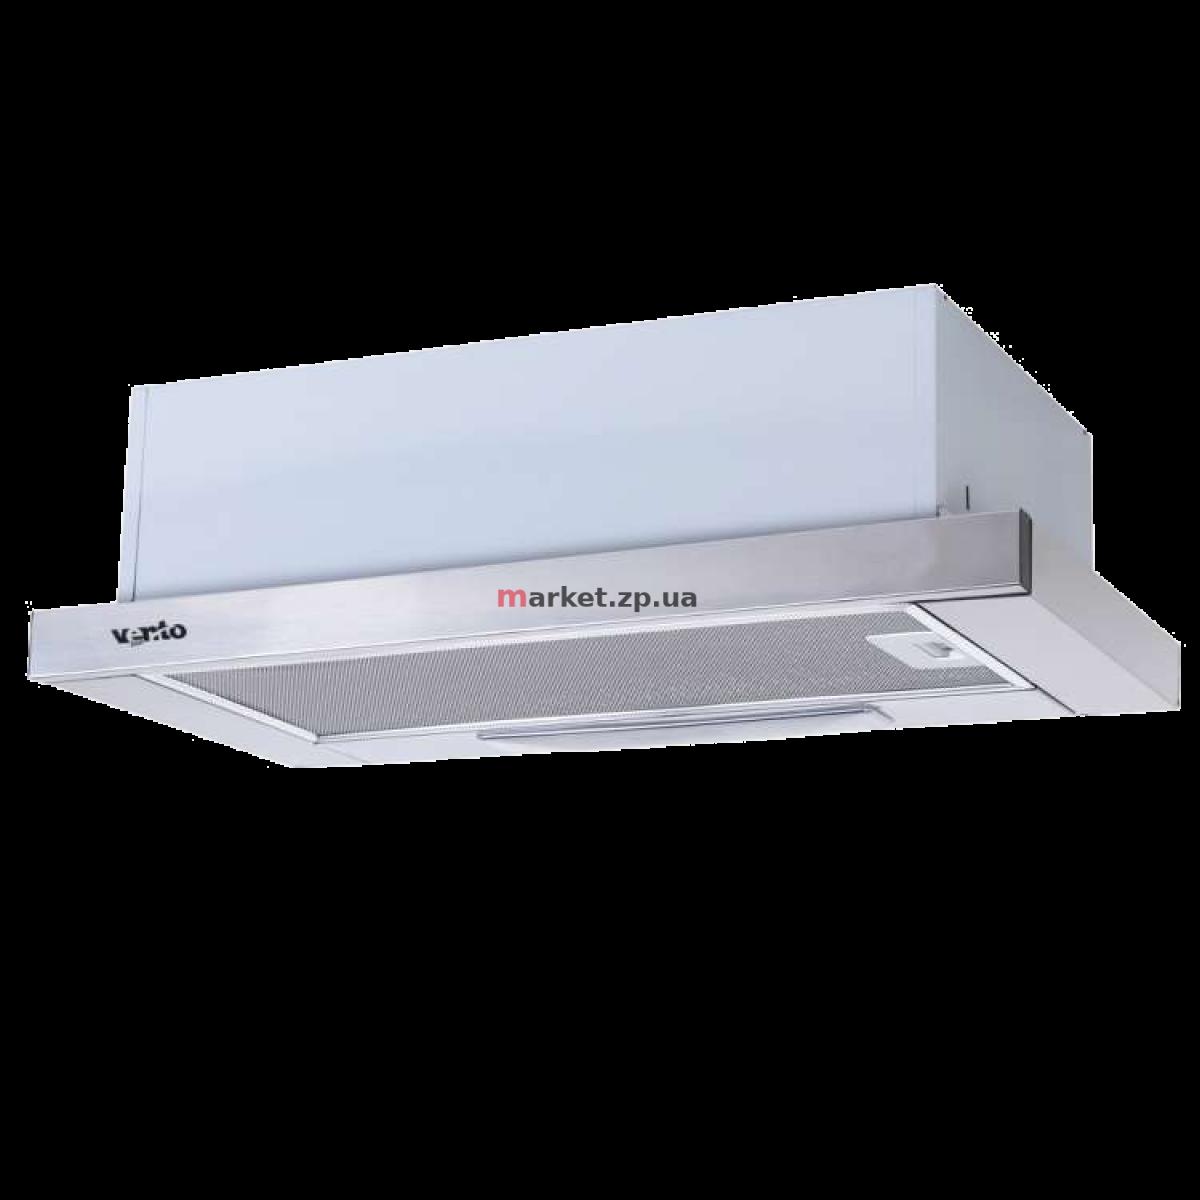 Вытяжка VENTOLUX GARDA 60 MX (650) 1M